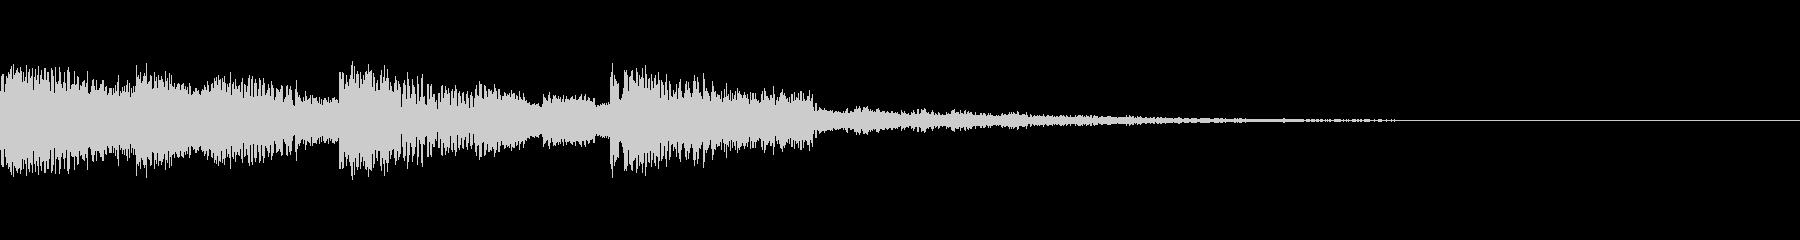 【ロゴ、ジングル】EDM03の未再生の波形